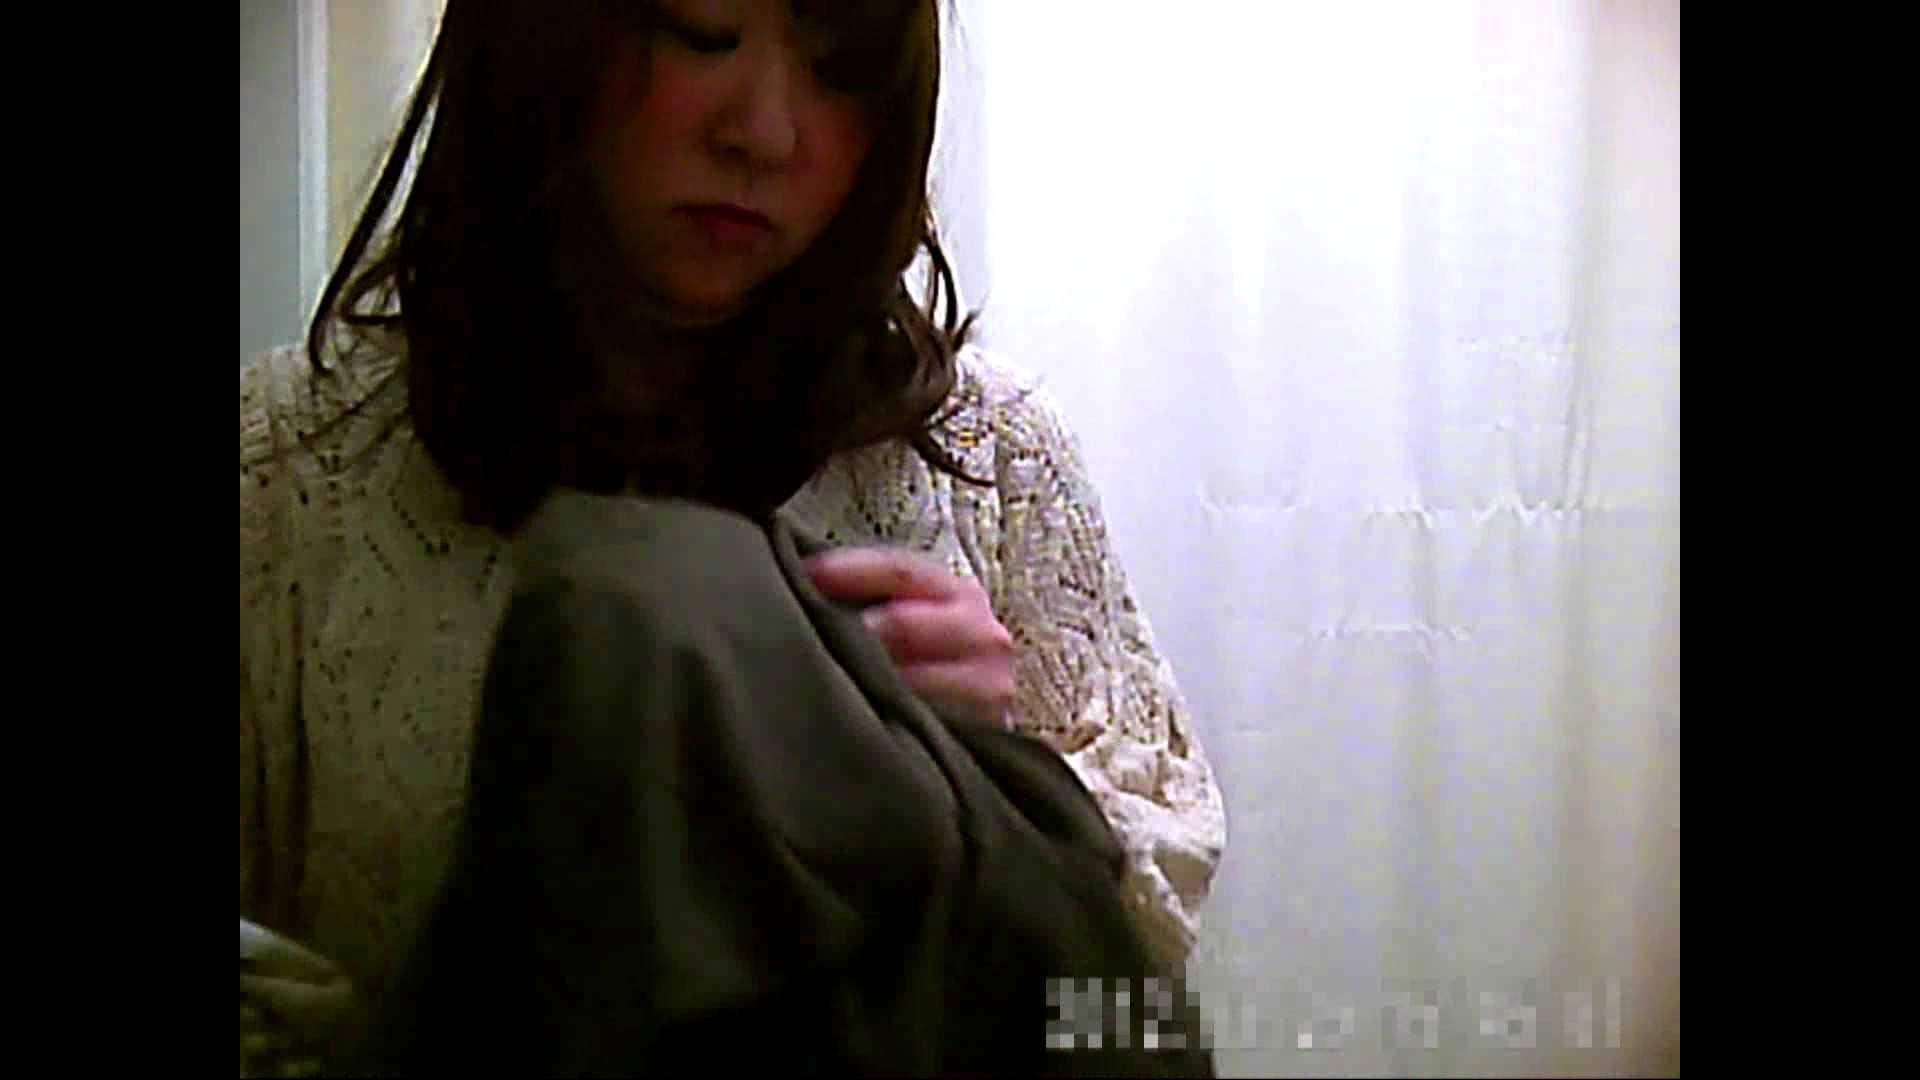 元医者による反抗 更衣室地獄絵巻 vol.023 OL   0  97連発 44